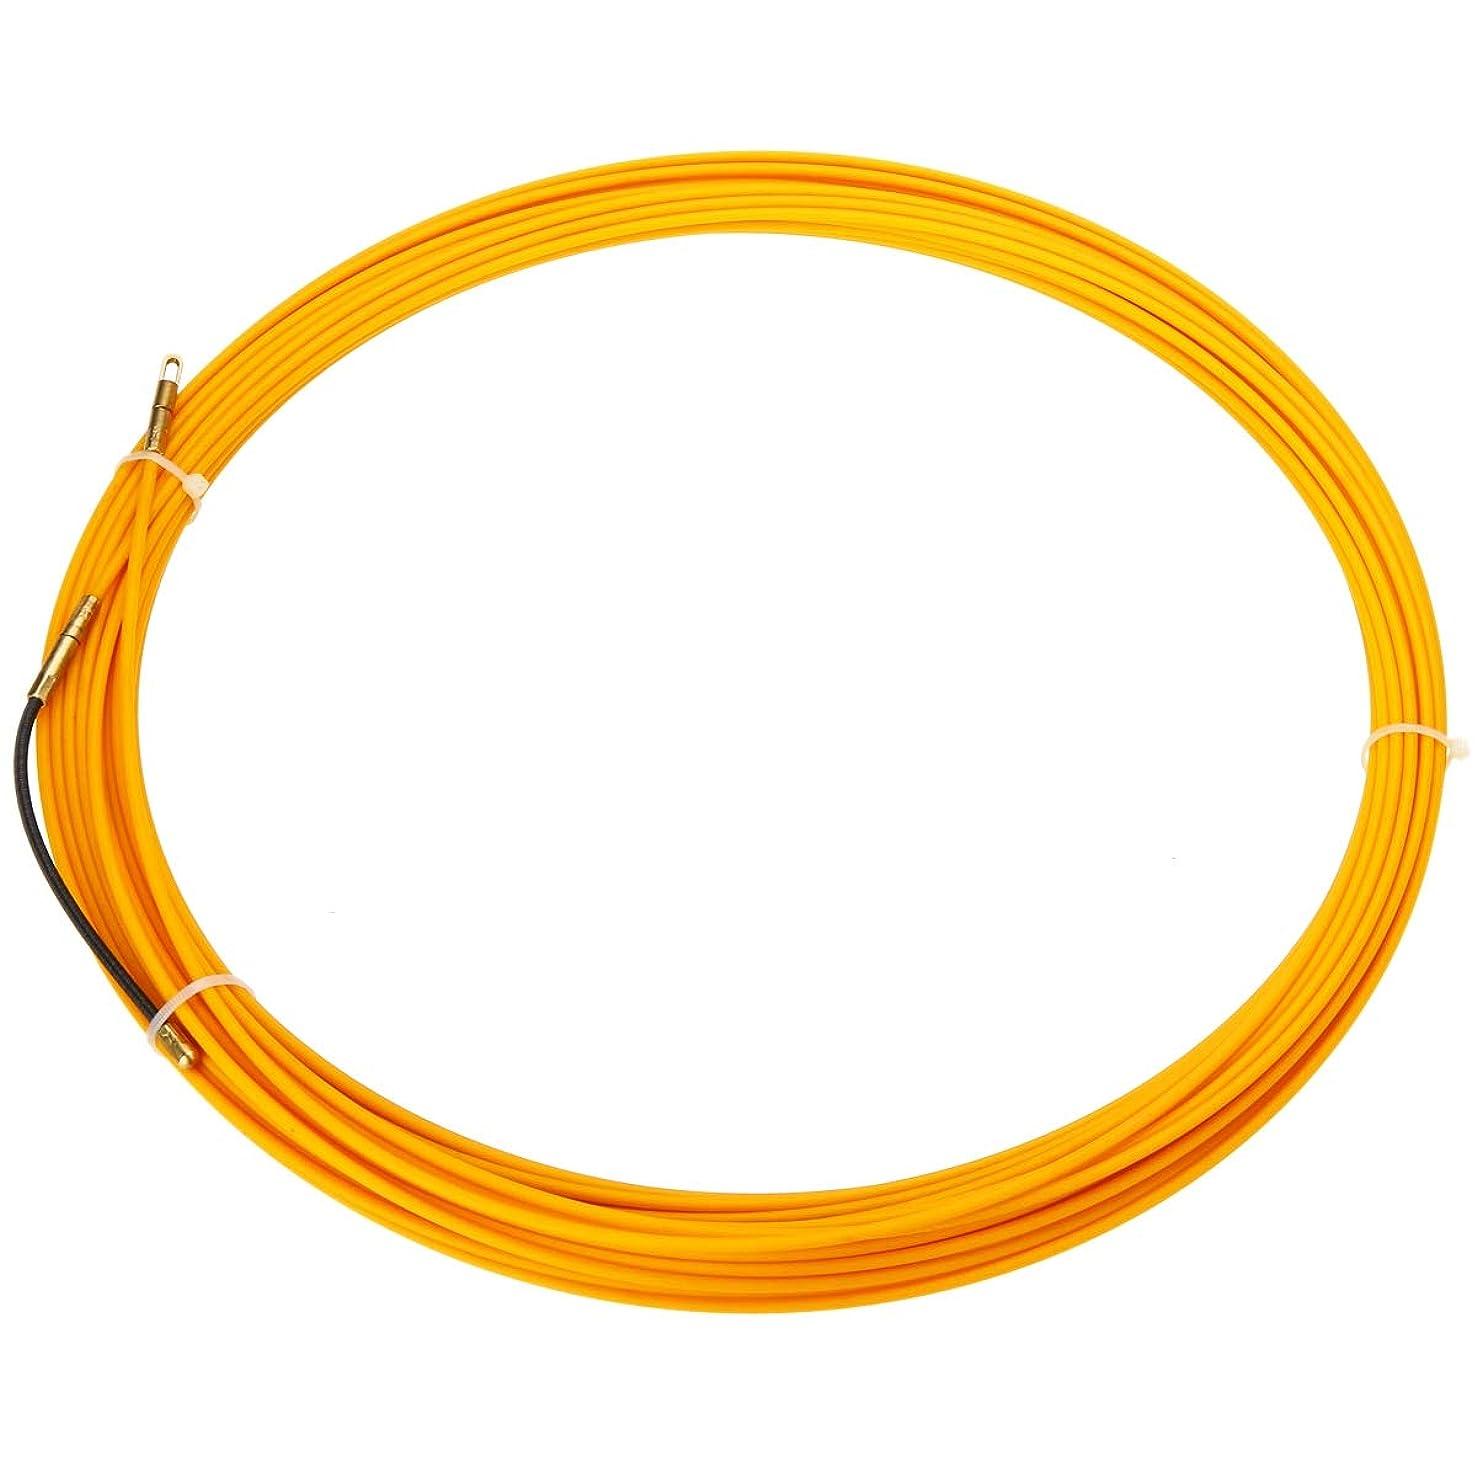 満員藤色不従順Naliovker 20メートル3ミリメートル ガイドデバイスグラスファイバー電気ケーブルプッシュプーラーダクト ヘビローダーフィッシュテープワイヤー